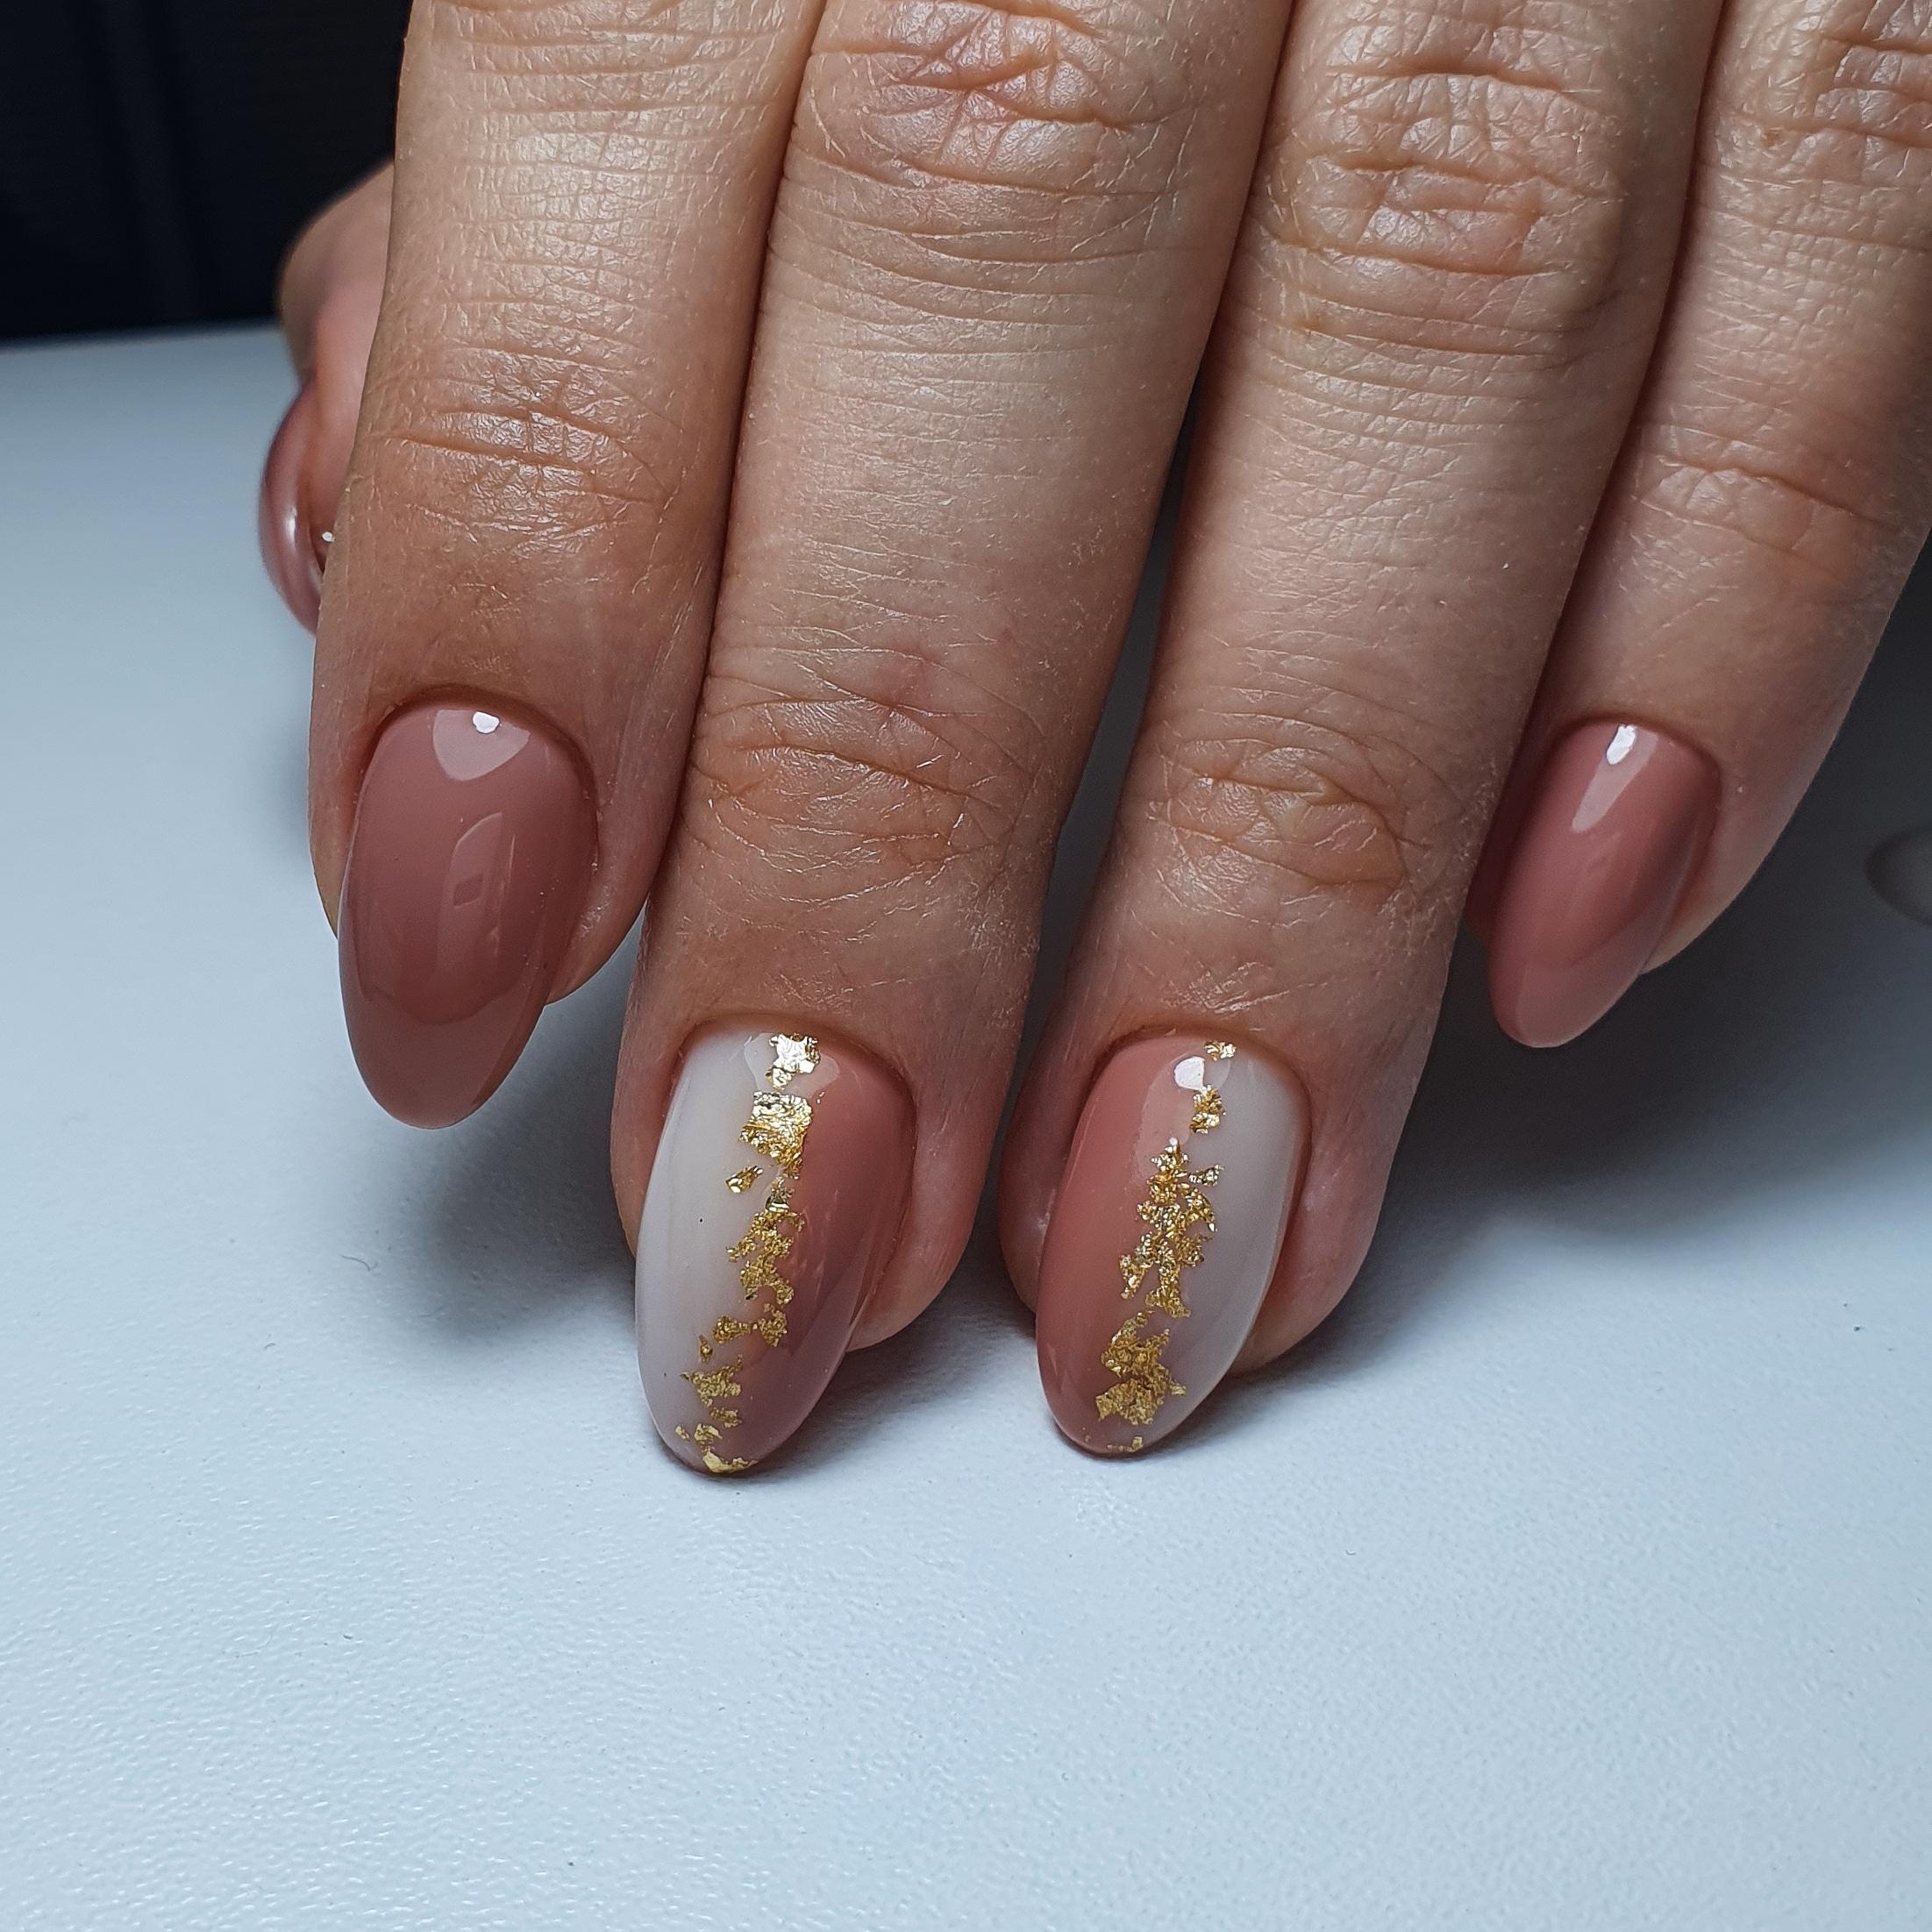 Маникюр с золотой фольгой и градиентом в коричневом цвете на короткие ногти.